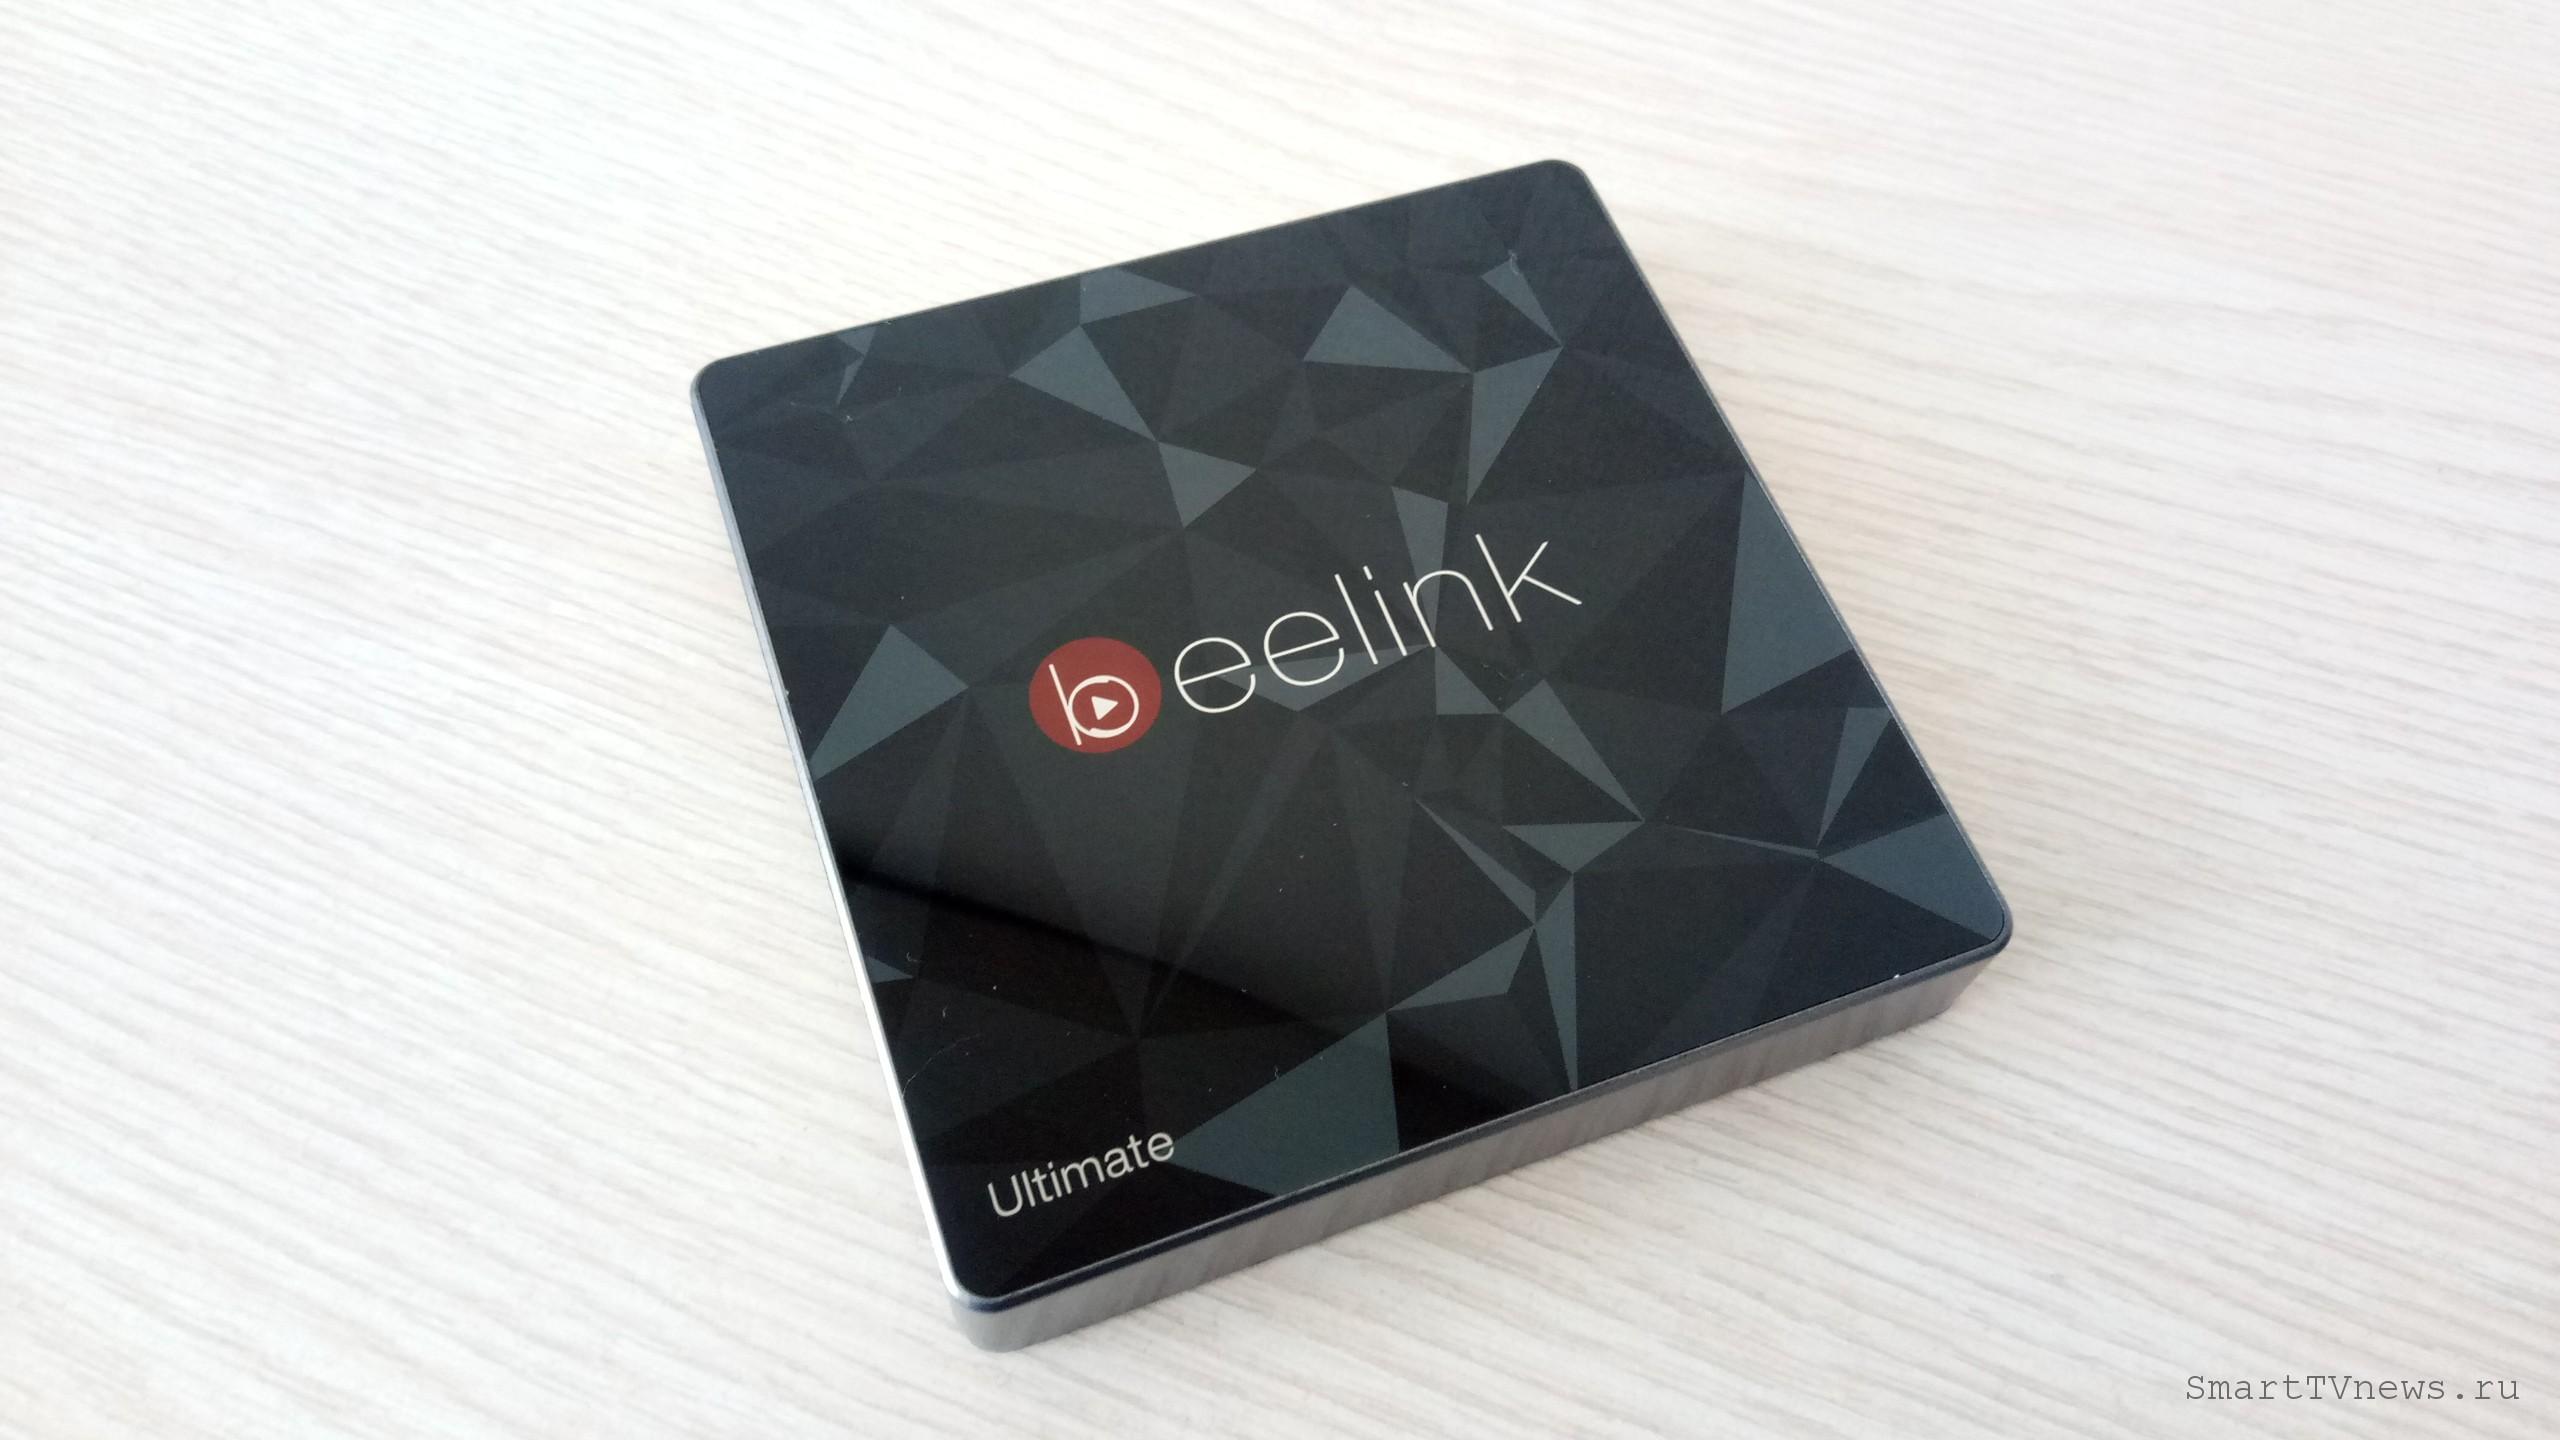 Дизайн Beelink GT1 Ultimate